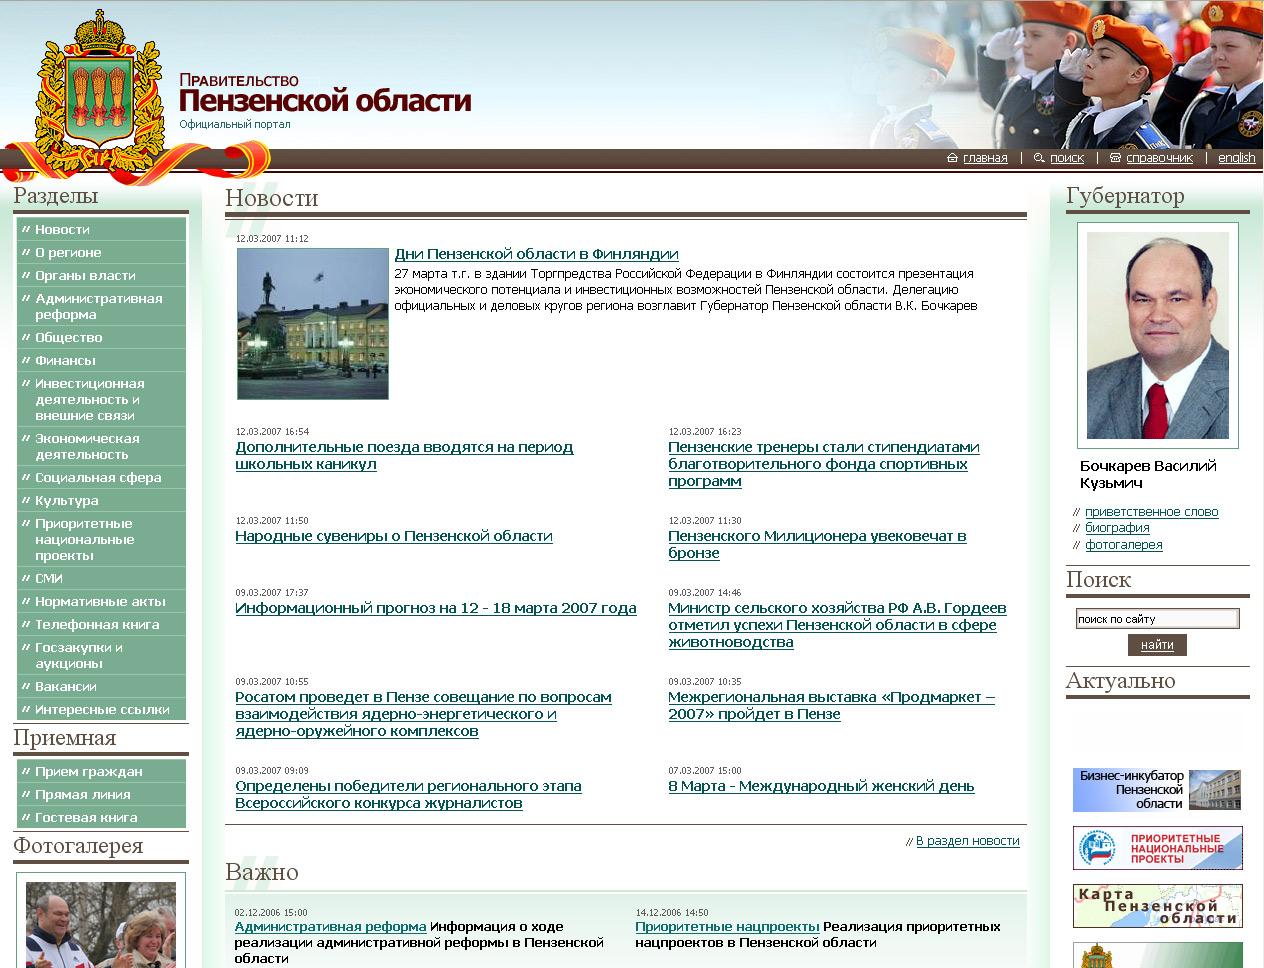 Официальный портал Правительства Пензы